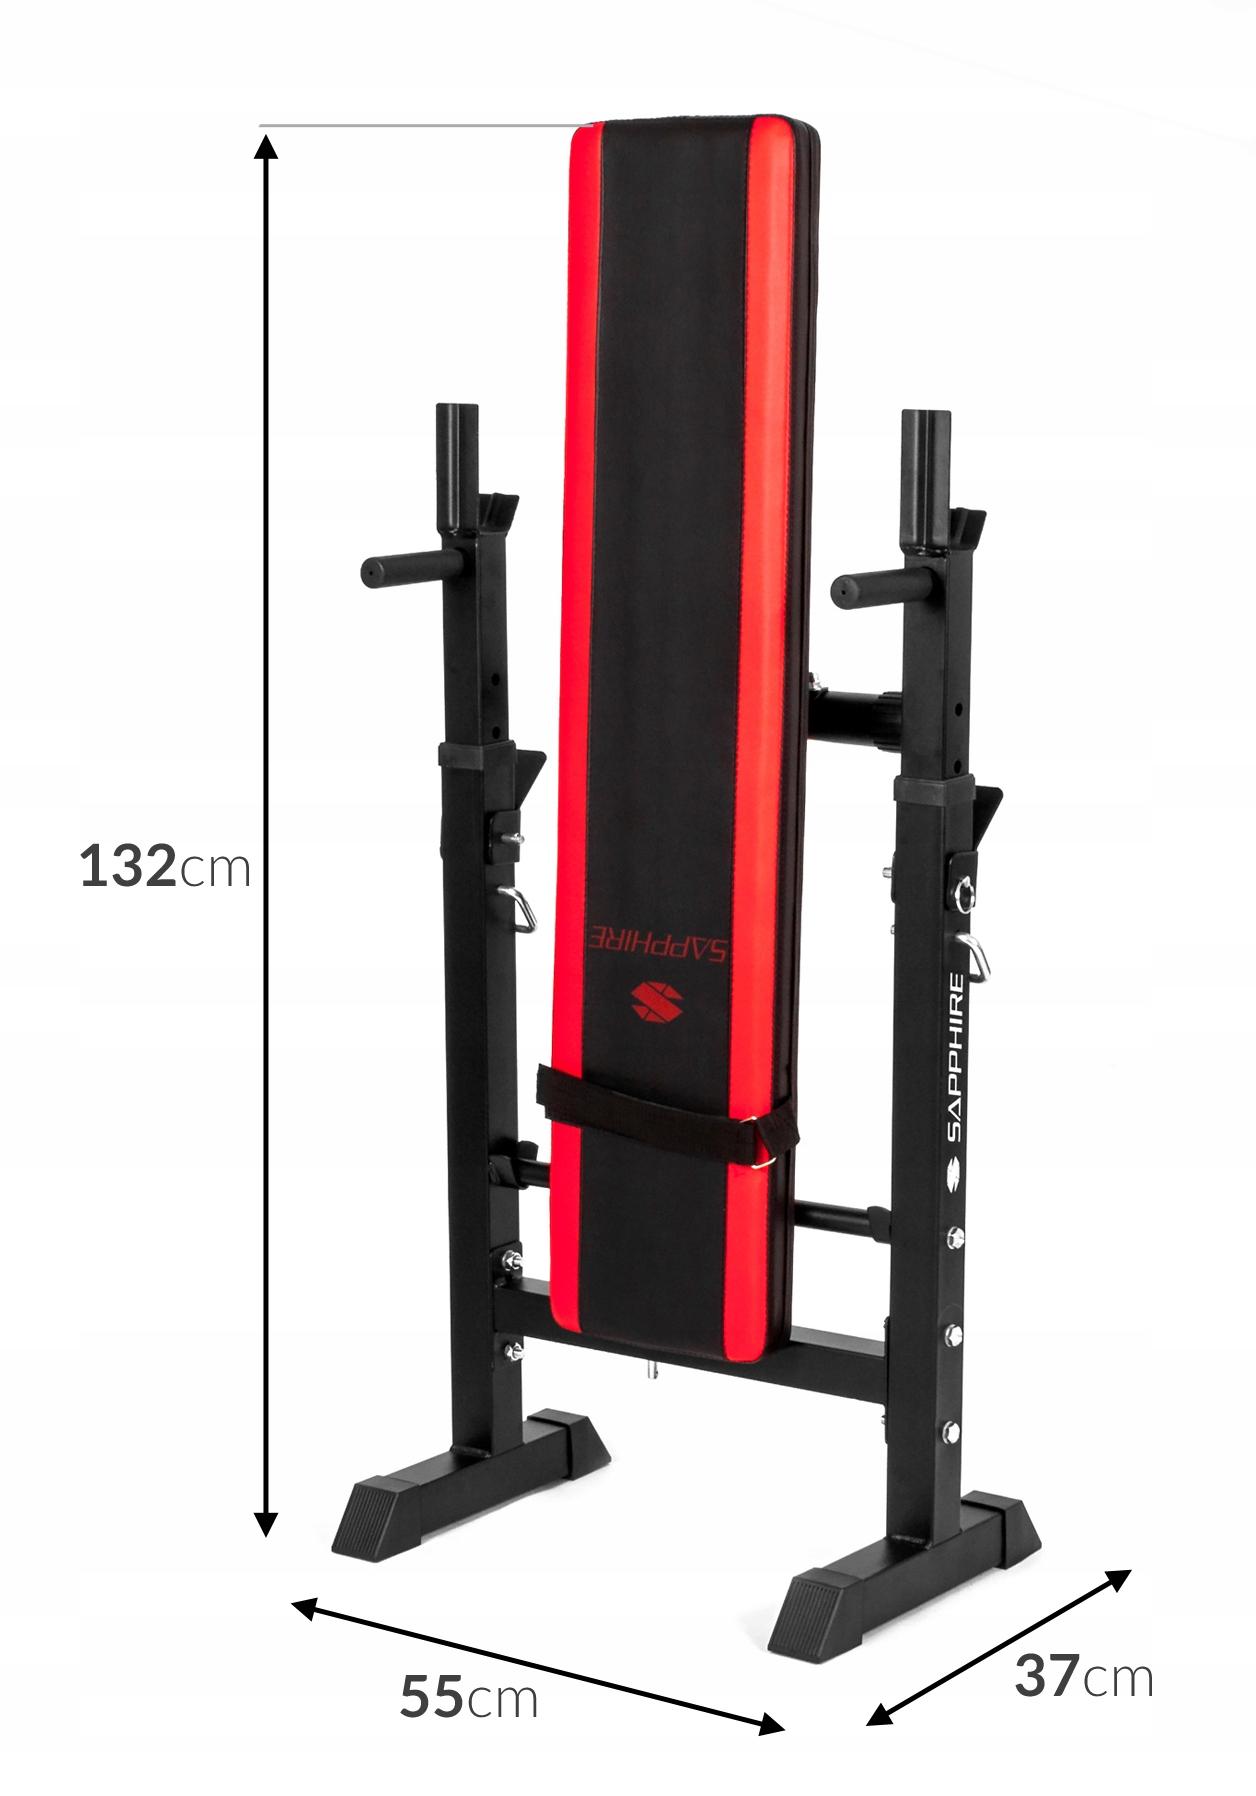 XYLO siłownia 36 kg zestaw ŁAWKA+GRYFY+OBCIĄŻENIA Waga produktu z opakowaniem jednostkowym 36 kg